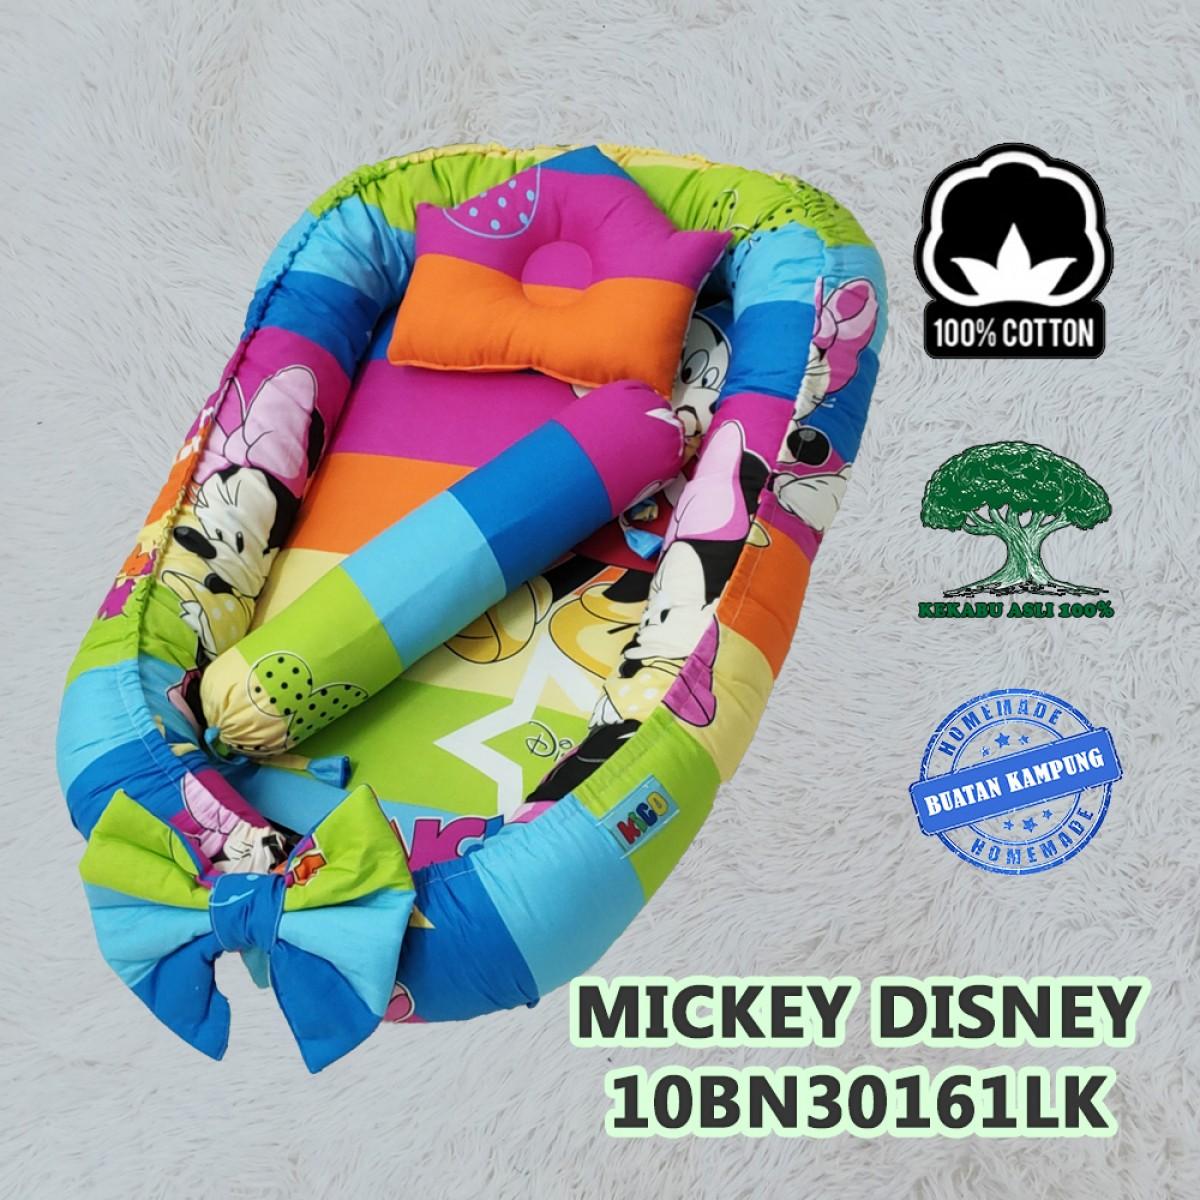 Mickey Disney - Kico Baby Center